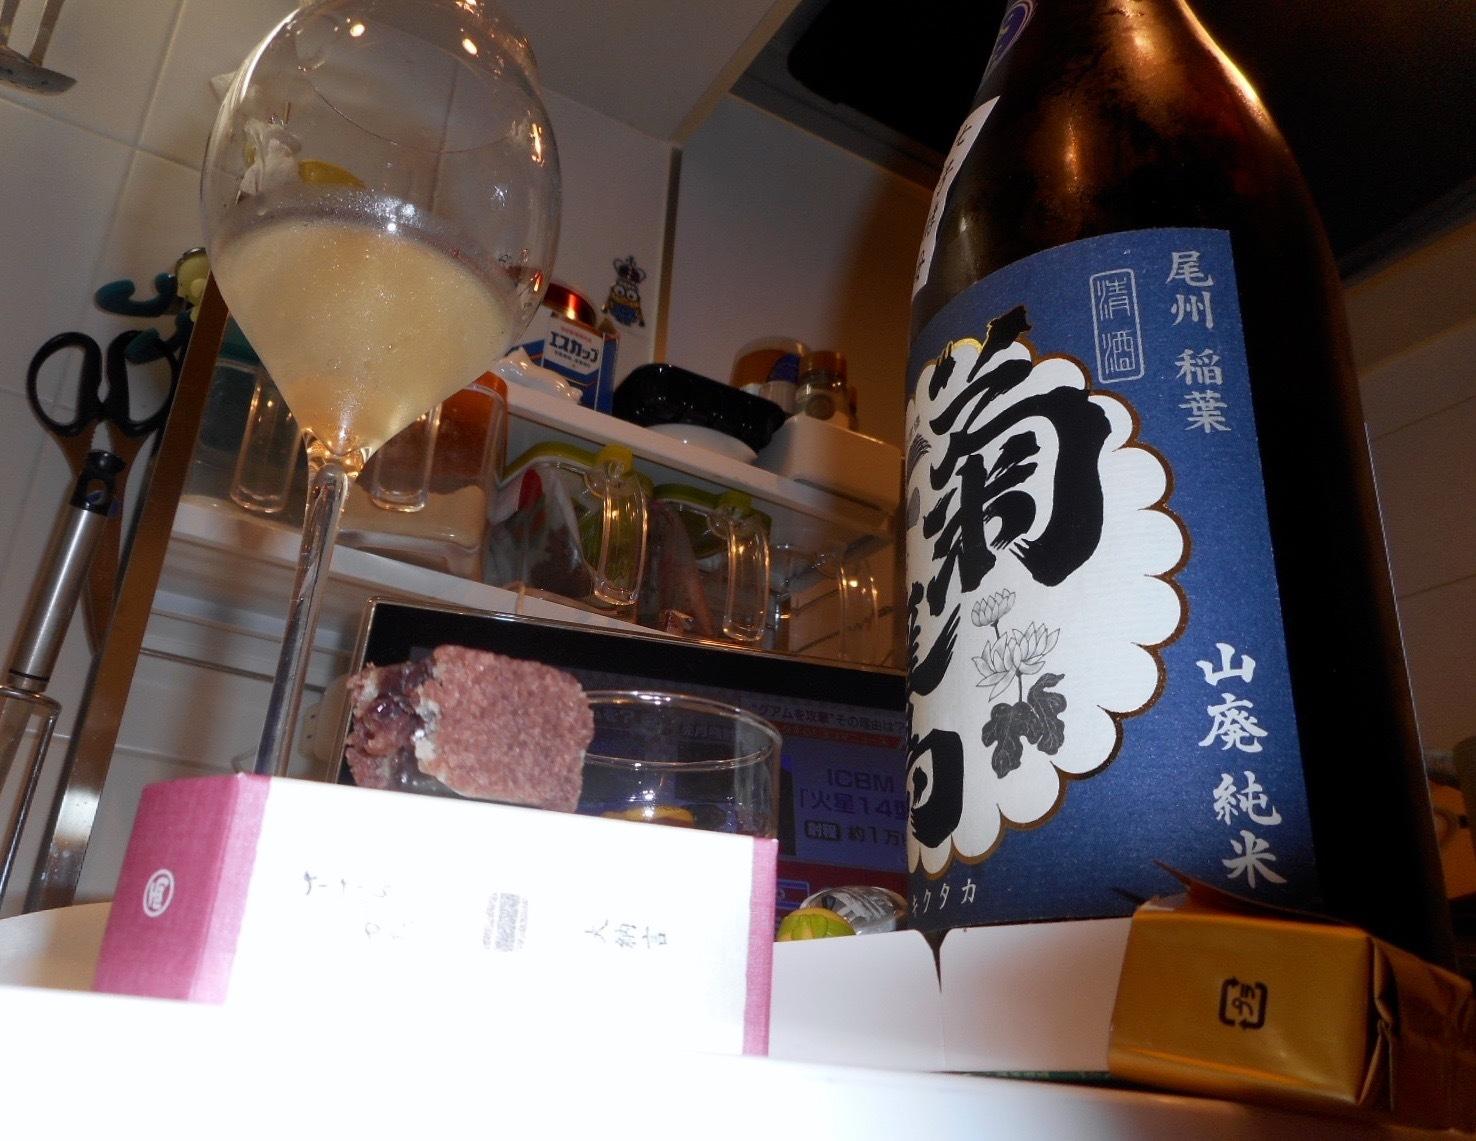 kikutaka_shifuku_nama27by19.jpg